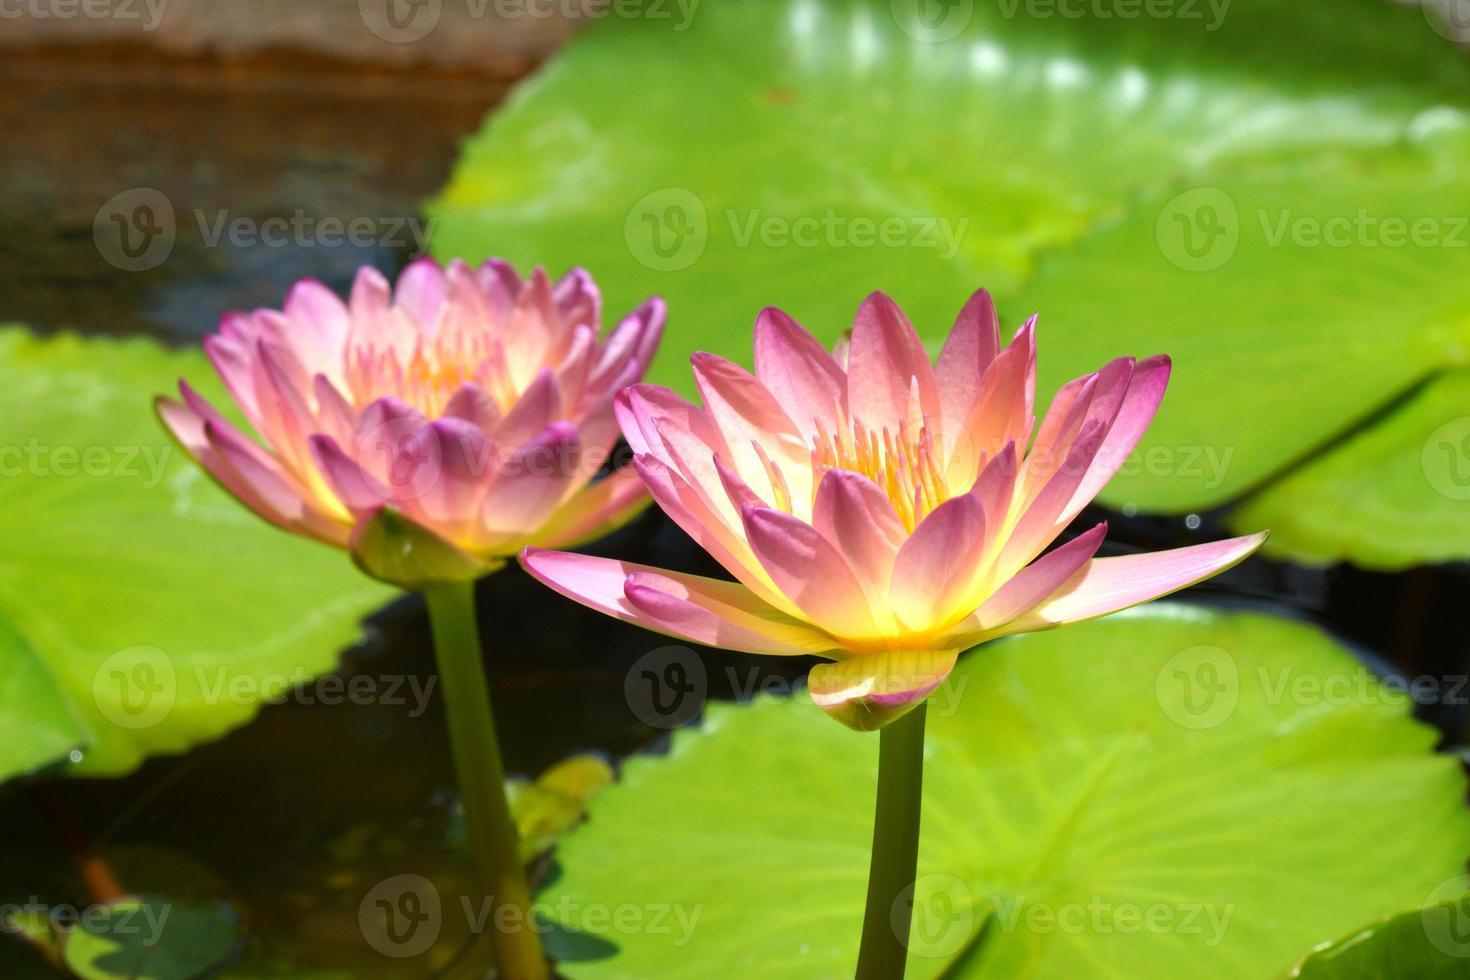 bellissimo fiore ibrido waterlily. foto